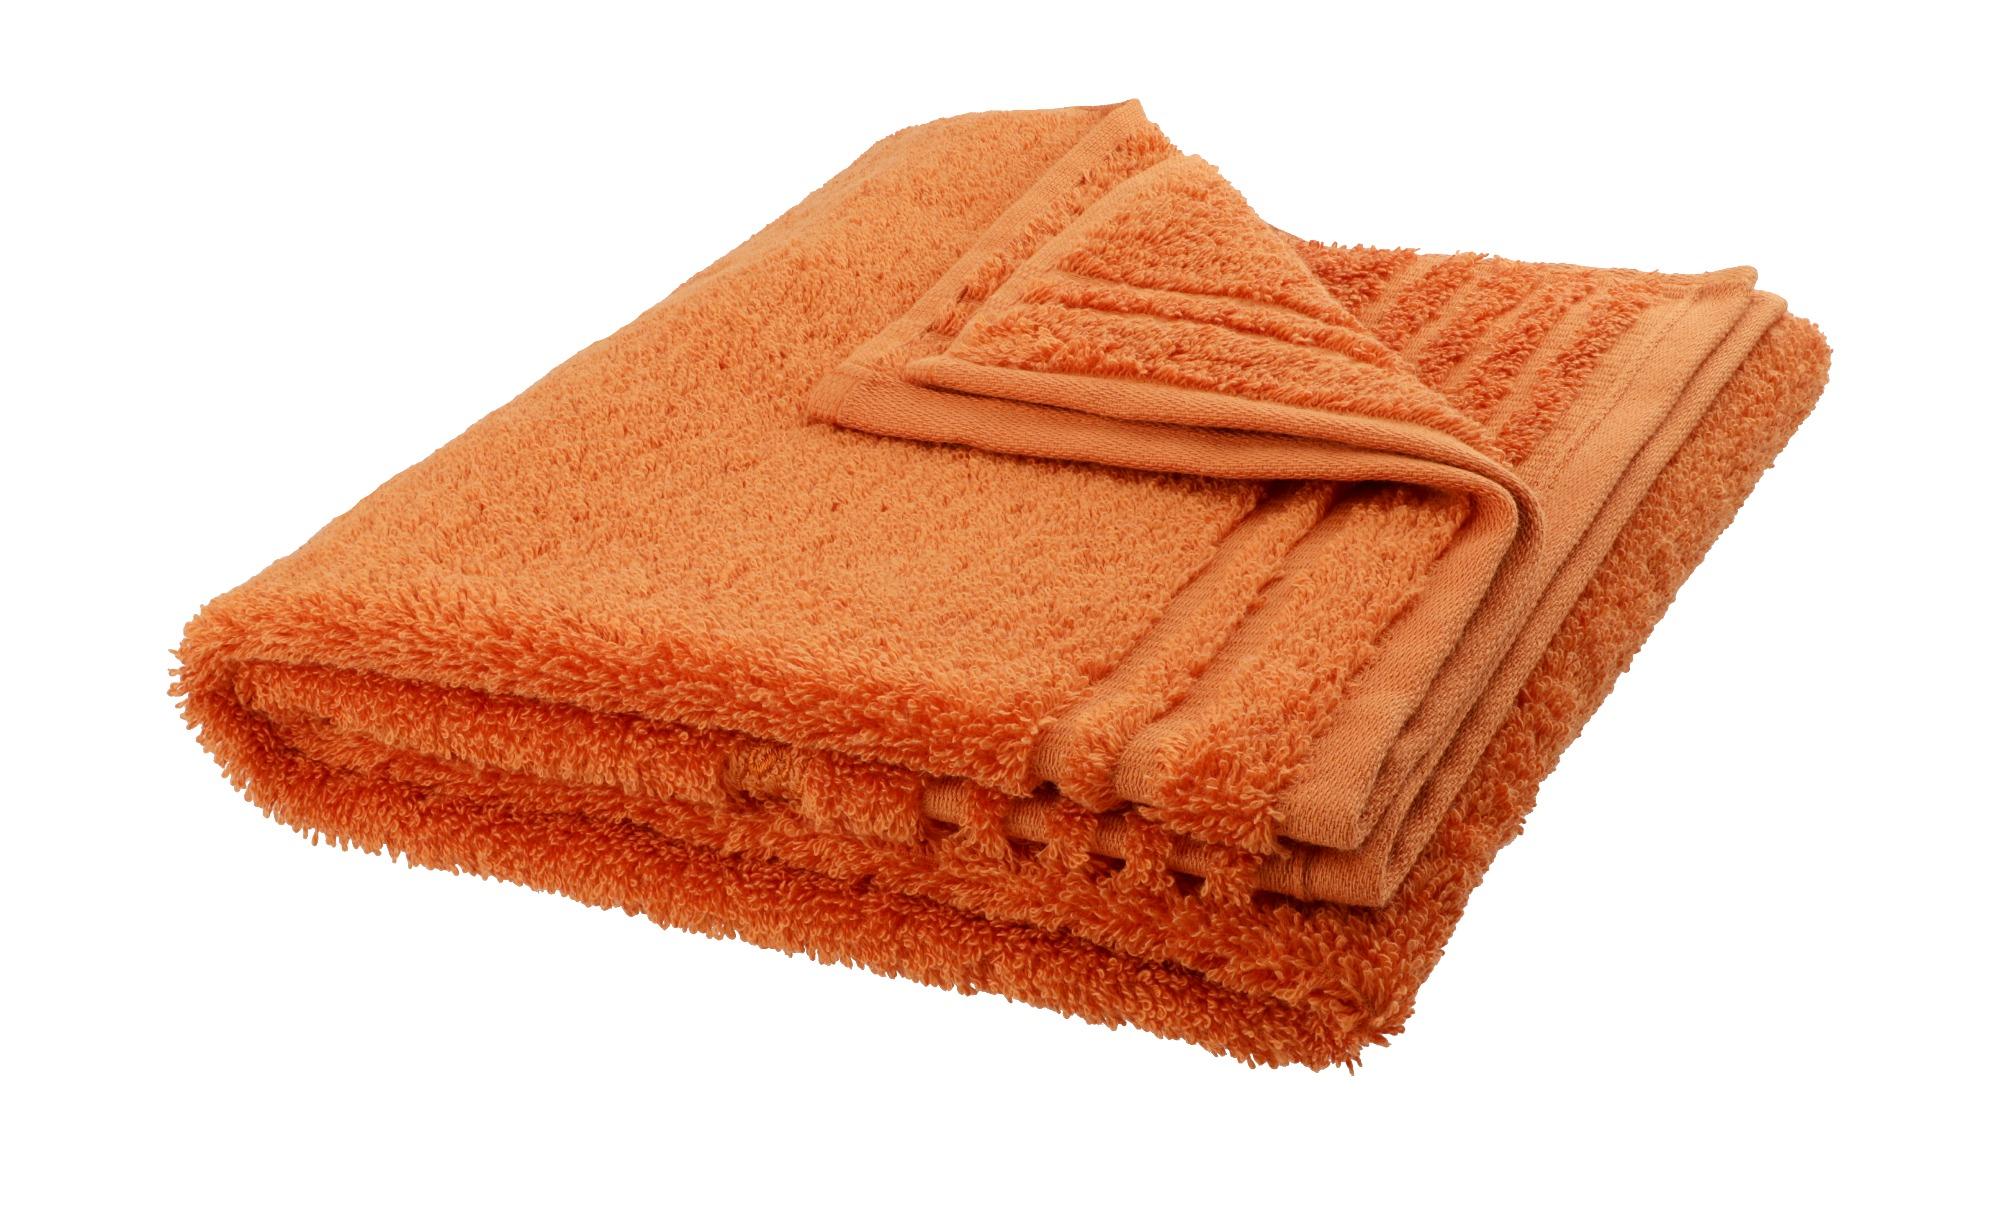 VOSSEN Handtuch  Vienna Supersoft ¦ orange ¦ 100% Baumwolle ¦ Maße (cm): B: 50 Badtextilien und Zubehör > Handtücher & Badetücher > Handtücher - Höffner